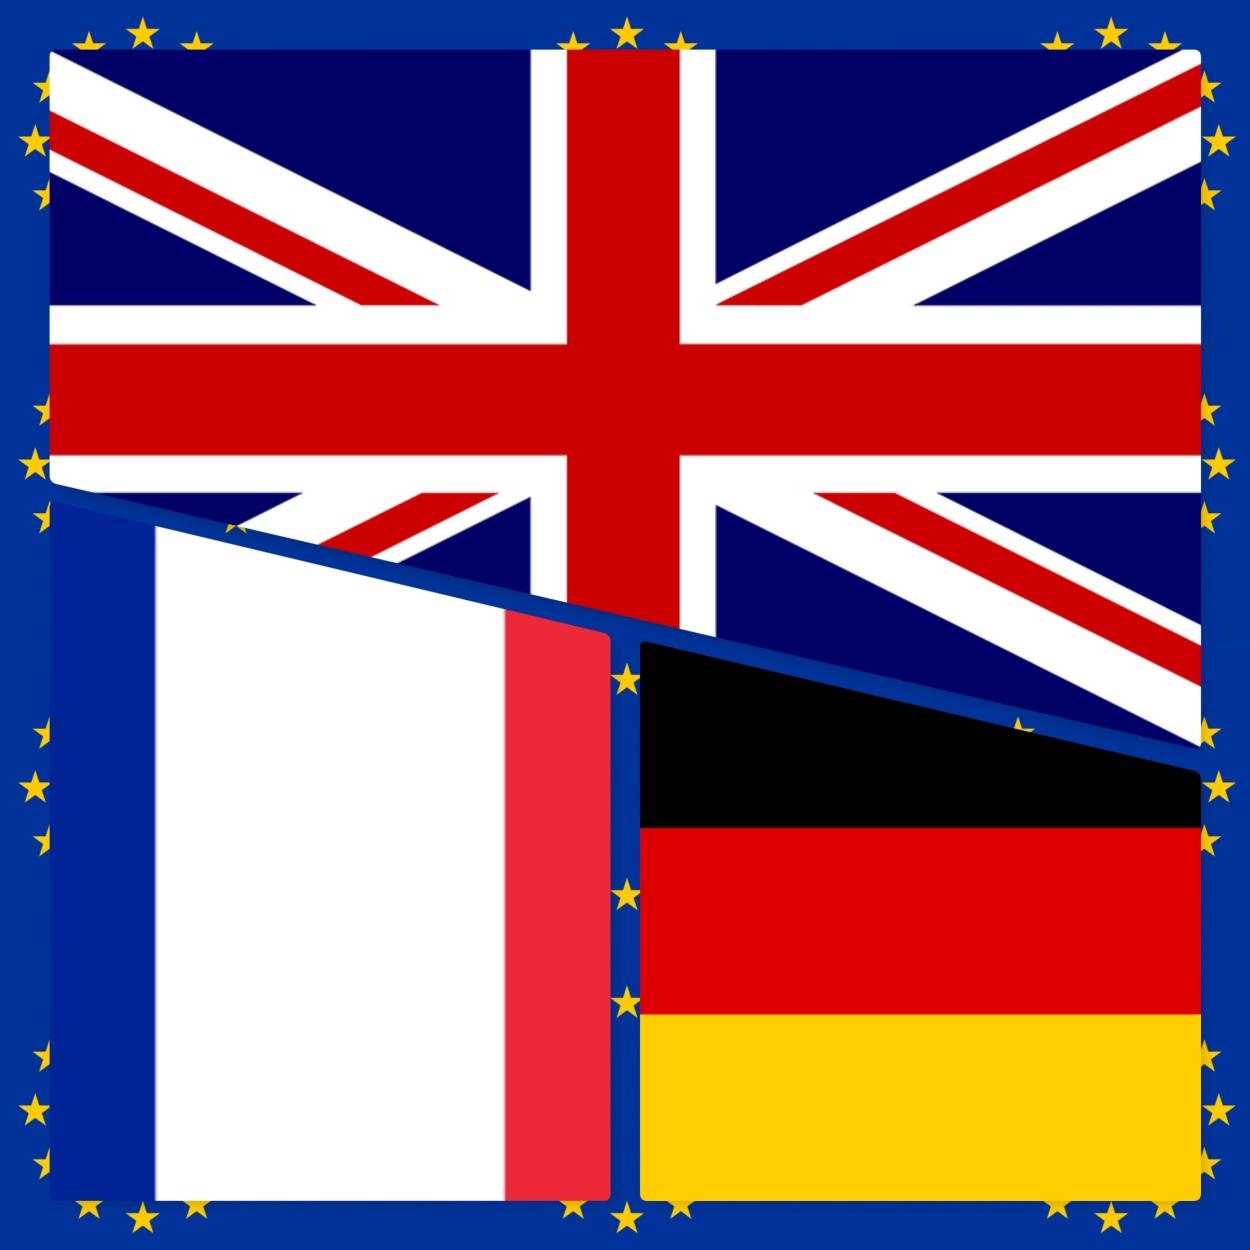 Sei mesi in Europa - primo semestre 2017